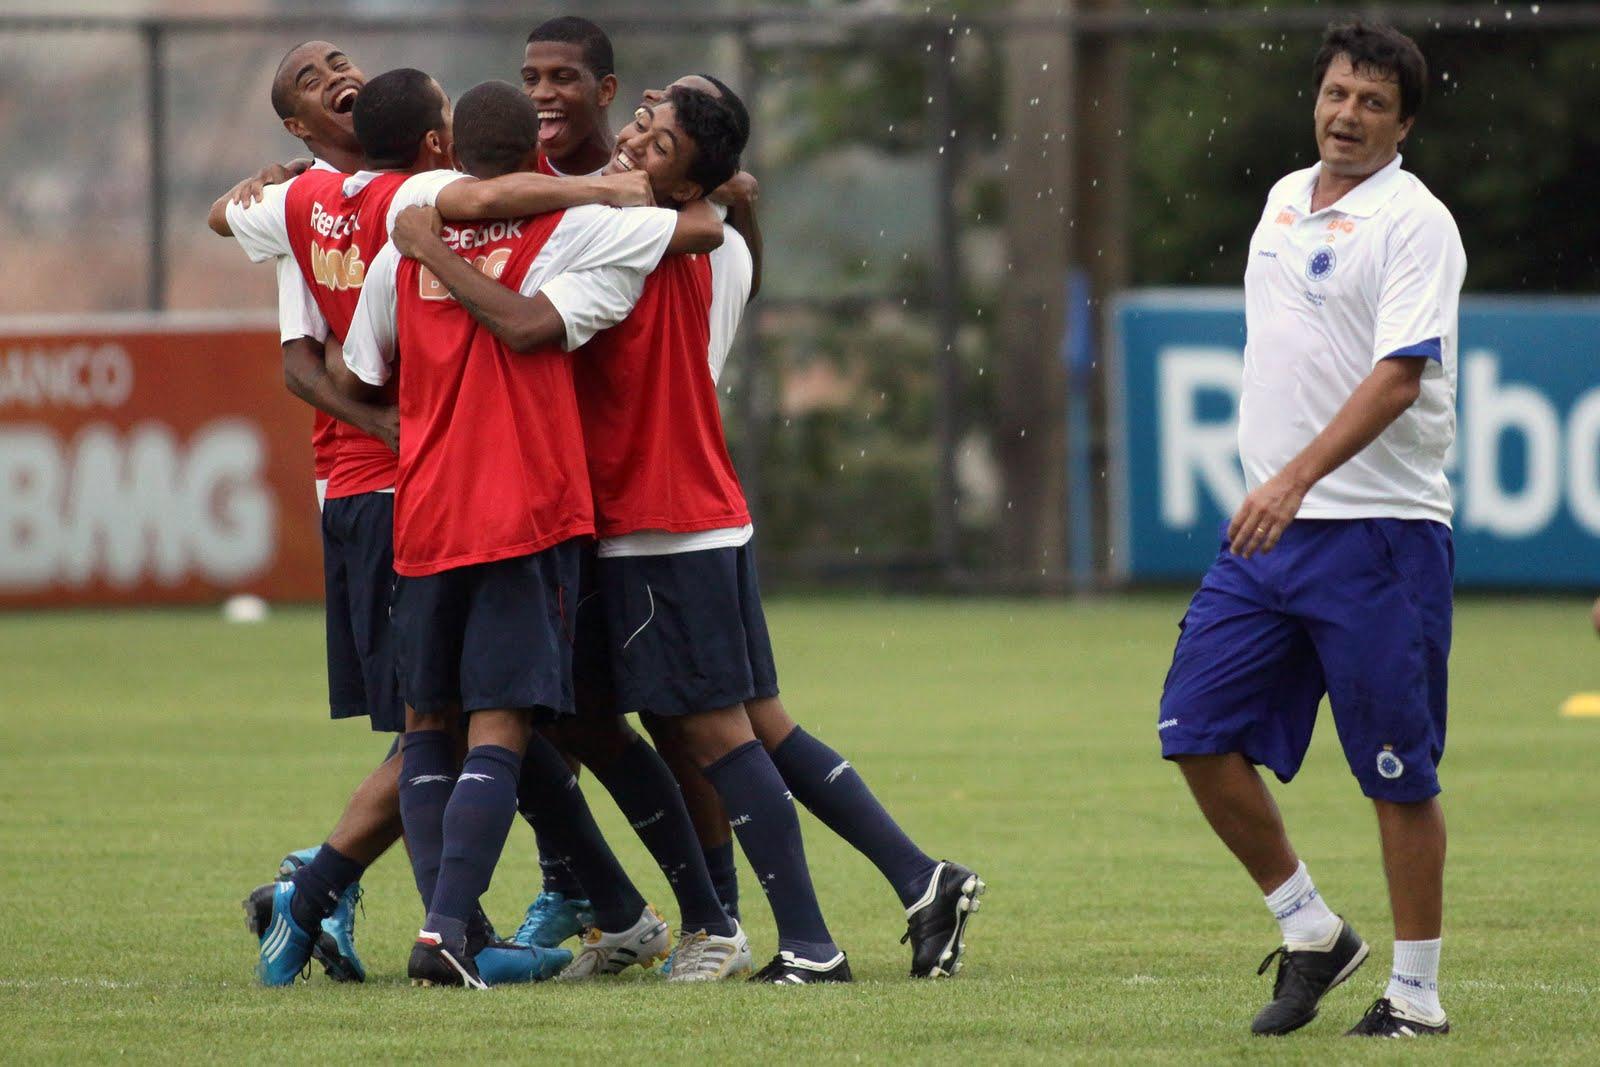 17241e67792 Clima bom no Cruzeiro às vésperas do jogo decisivo (foto divulgação da  Vipcomm - fotógrafo Gil Leonardi)